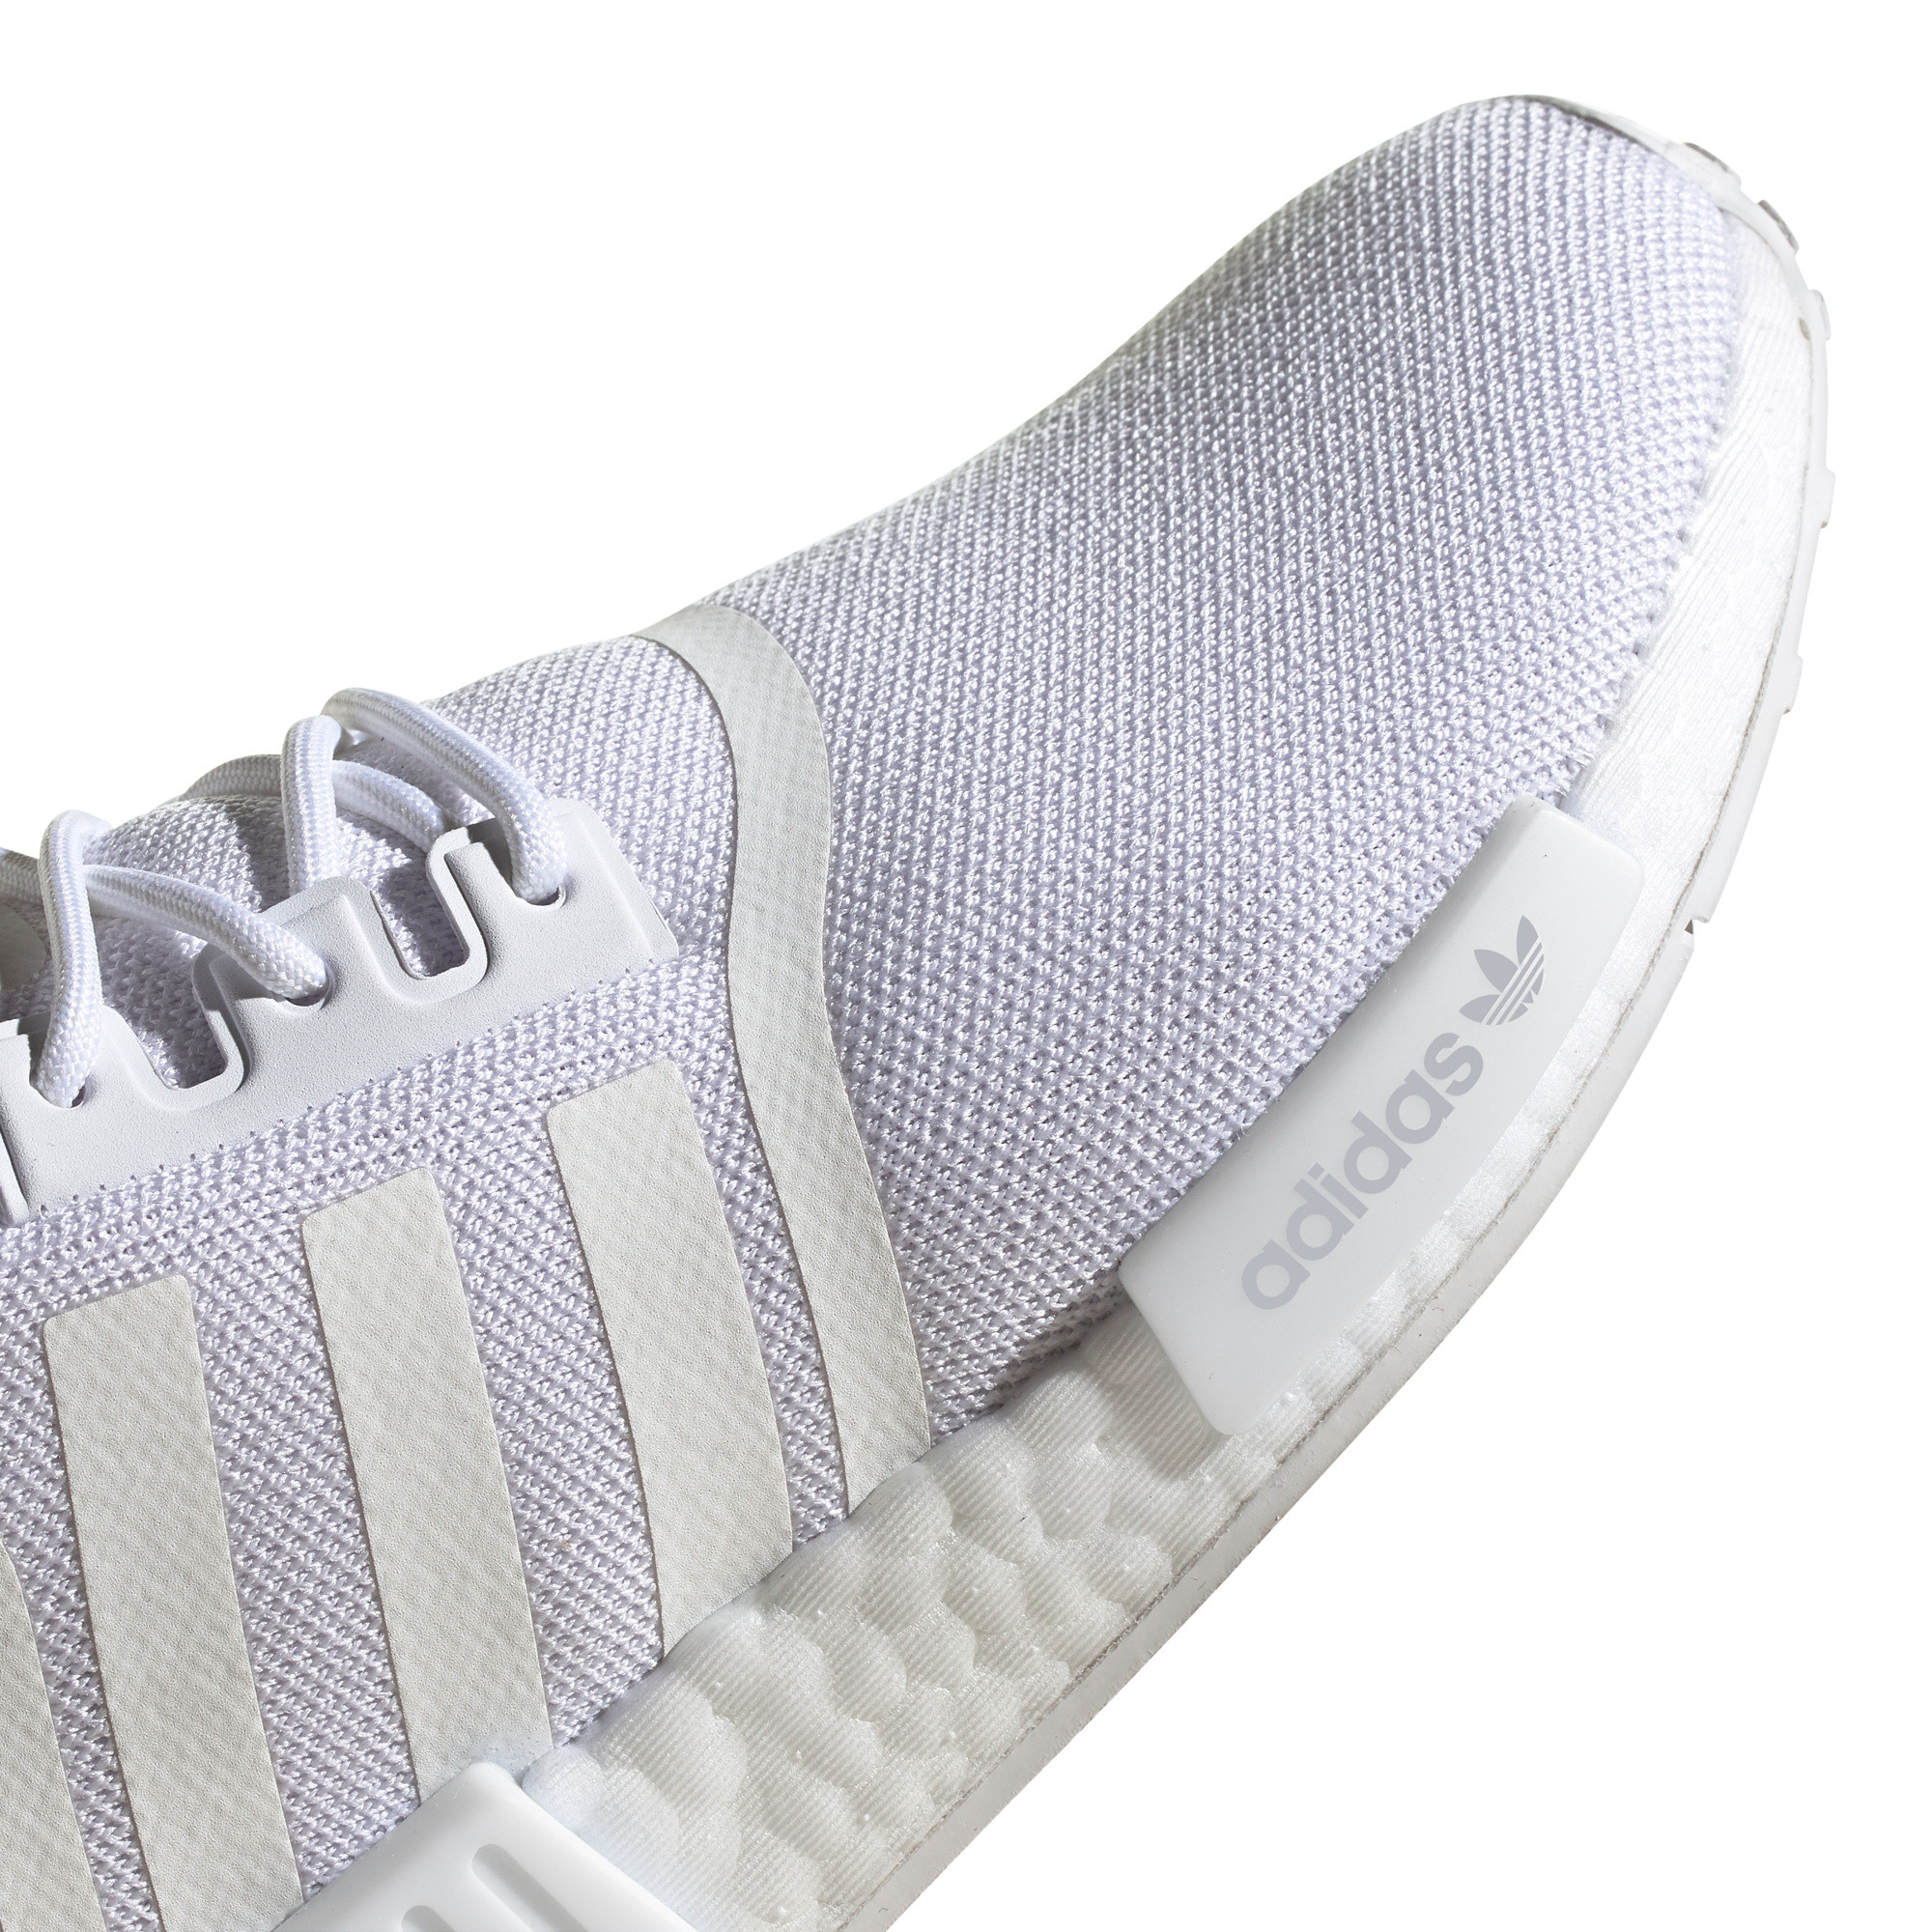 Scarpe donna Adidas Originals NMD_R1 Primeblue, Bianco/Grigio, large image number 11